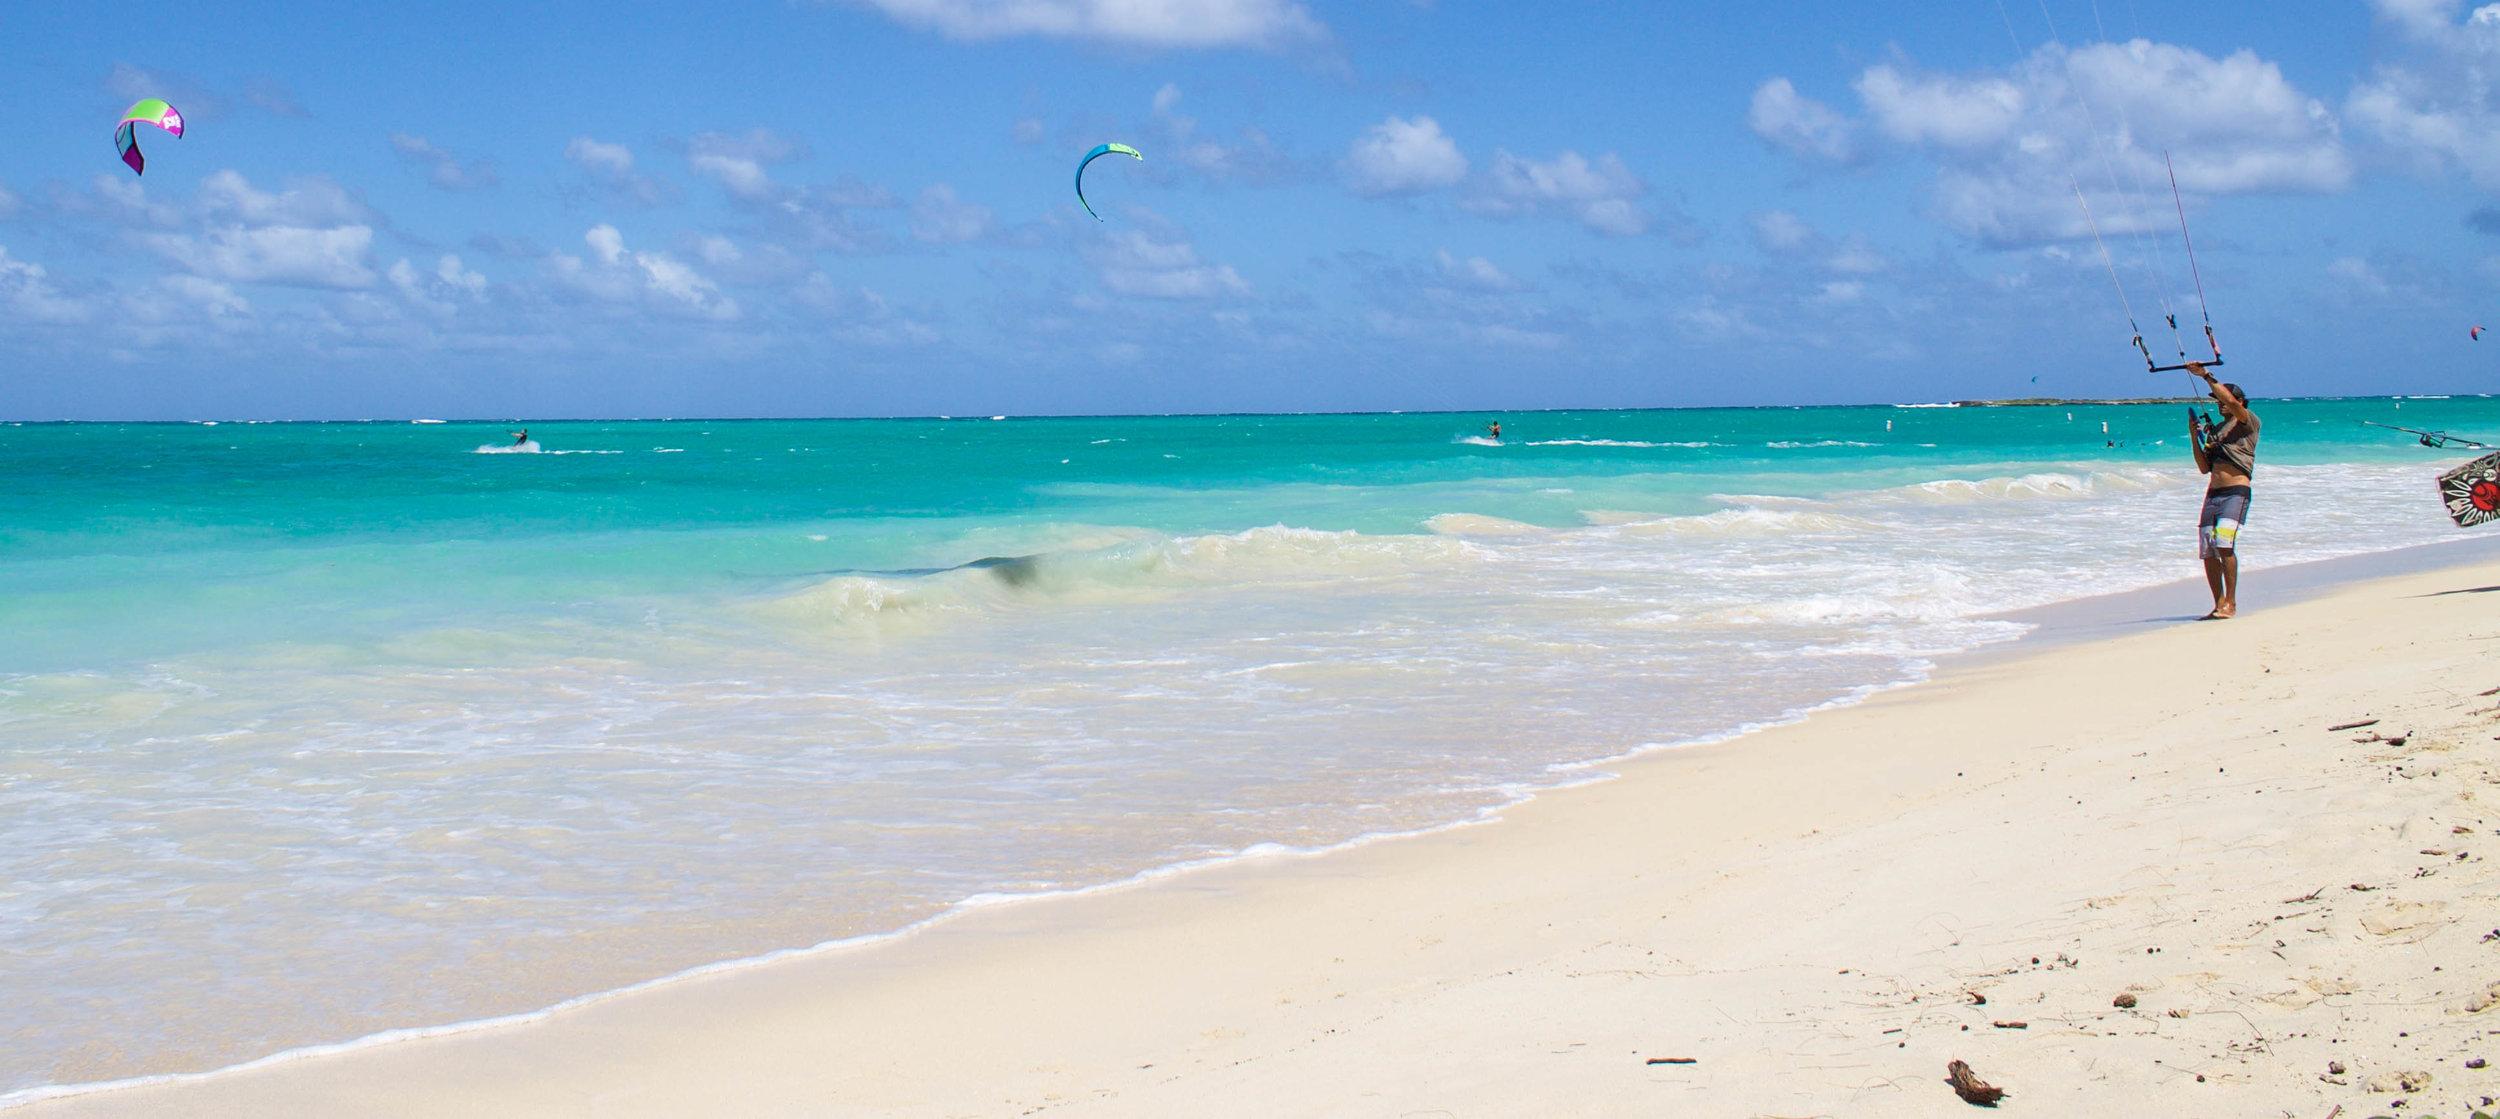 kite-surfer-kailua.jpg